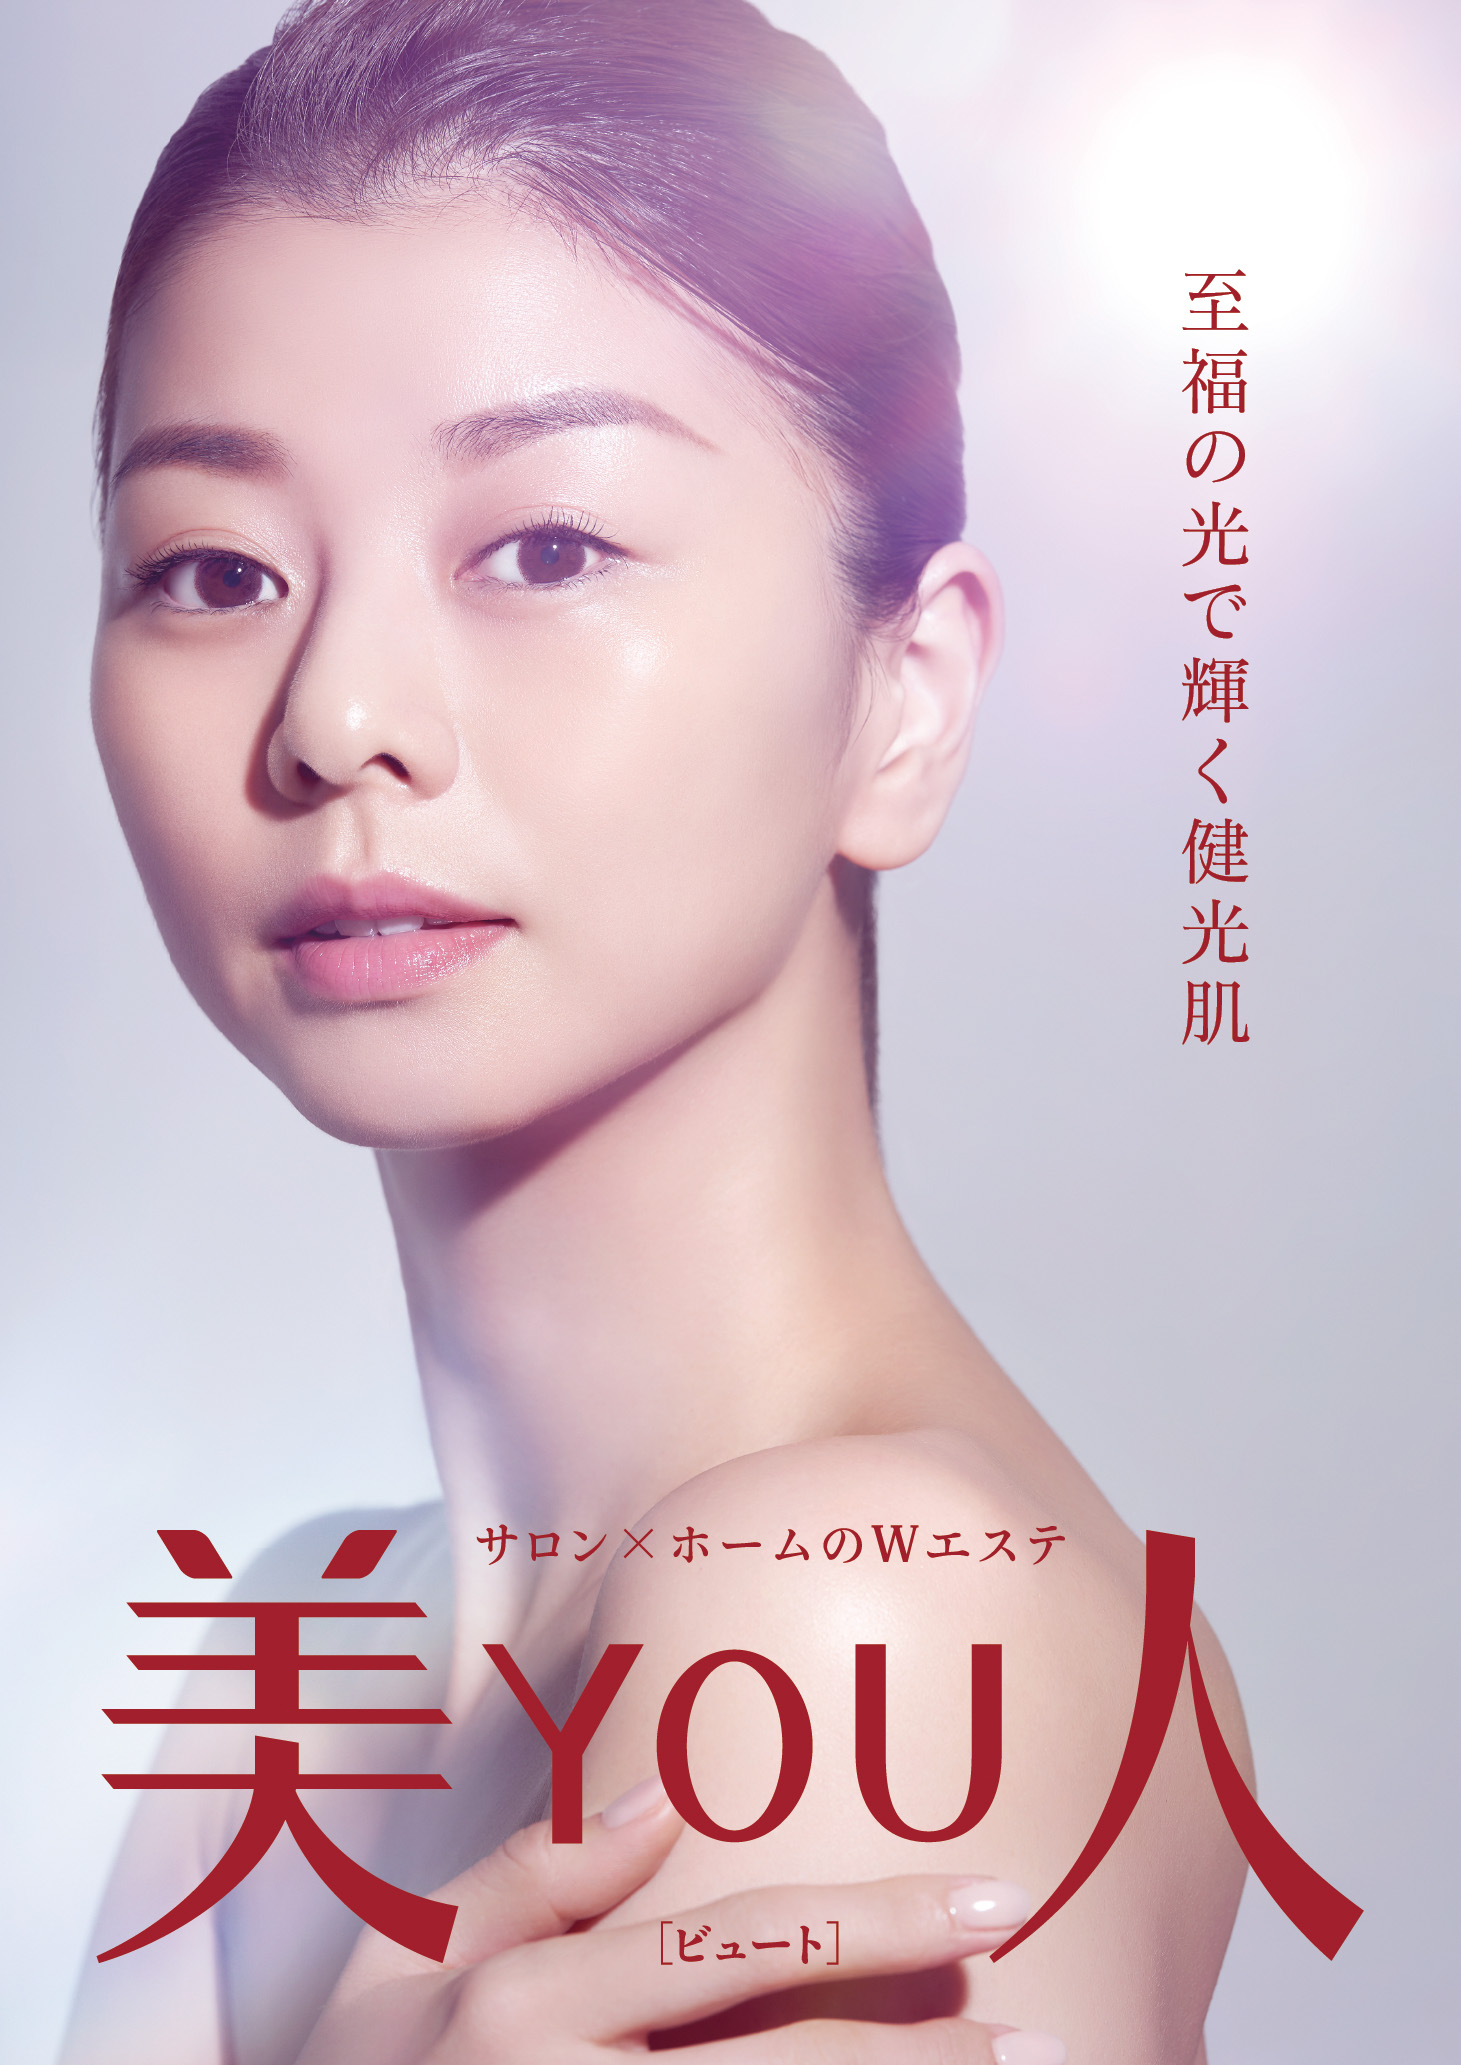 光エステのセルフケアサロン「美YOU人(ビュート)」が汐留にオープン!